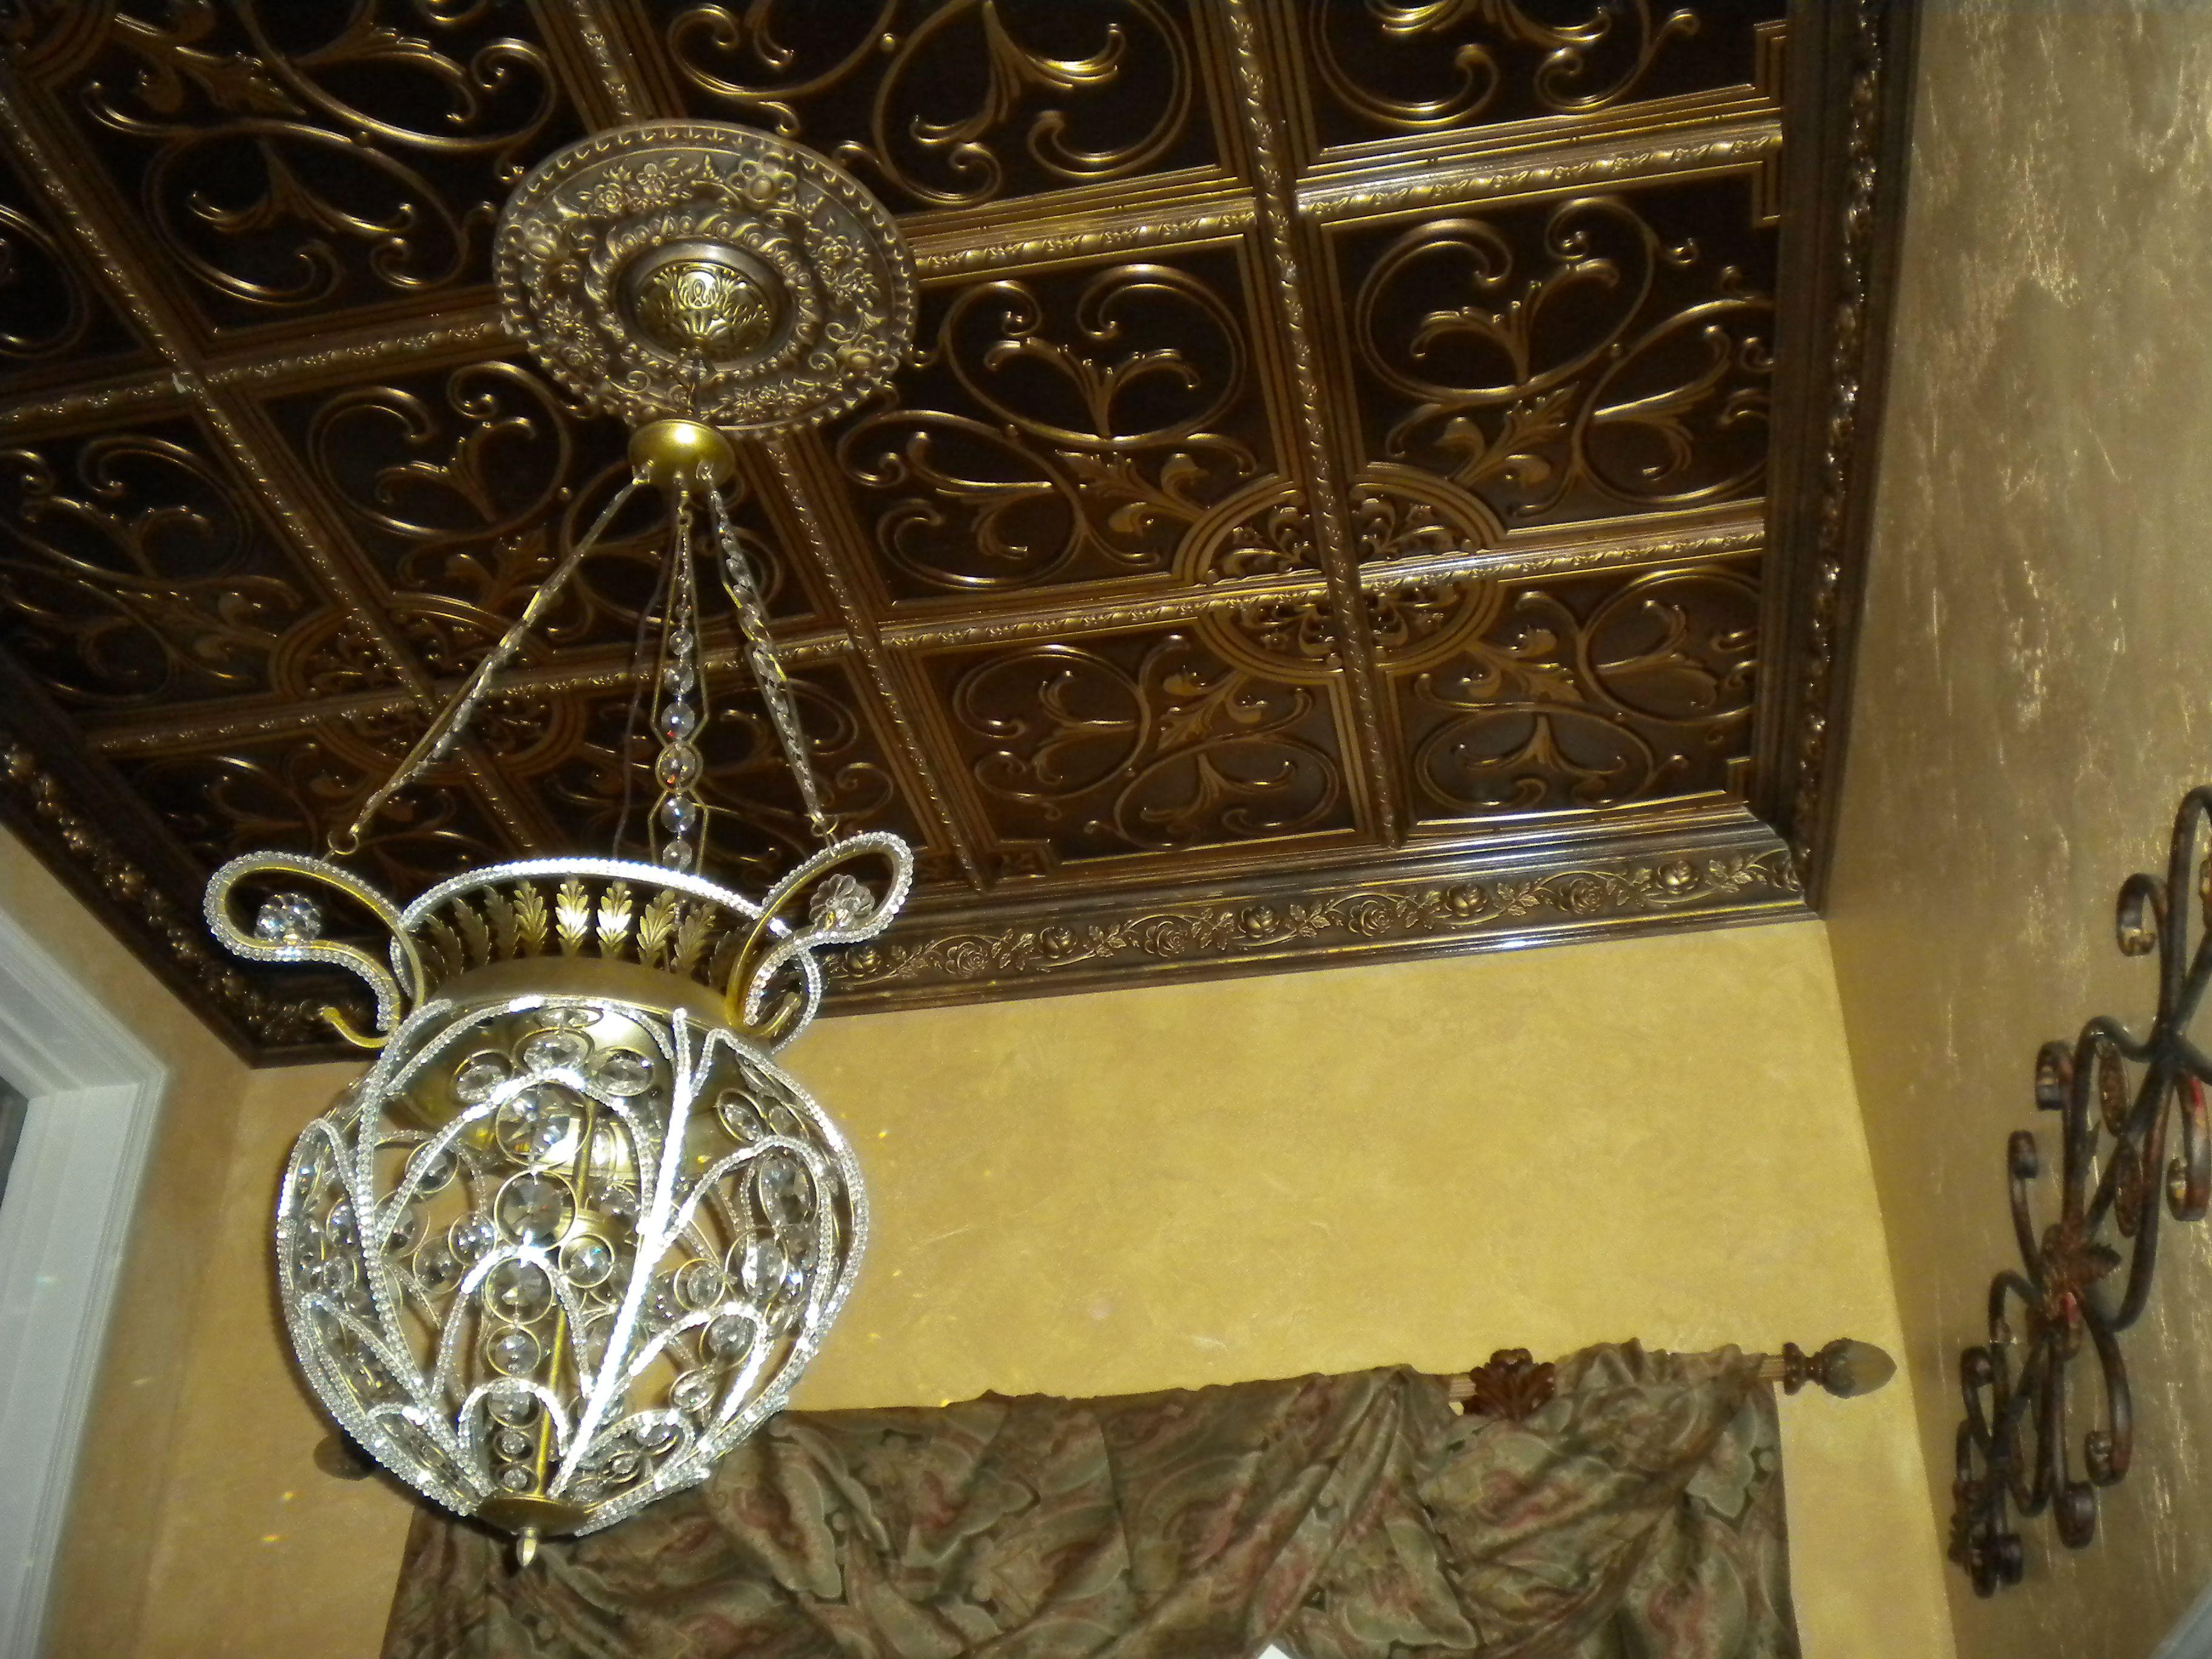 Beautiful interior design ceiling using pvc ceiling tiles beautiful interior design ceiling using pvc ceiling tiles architecture creative house architexture doublecrazyfo Images